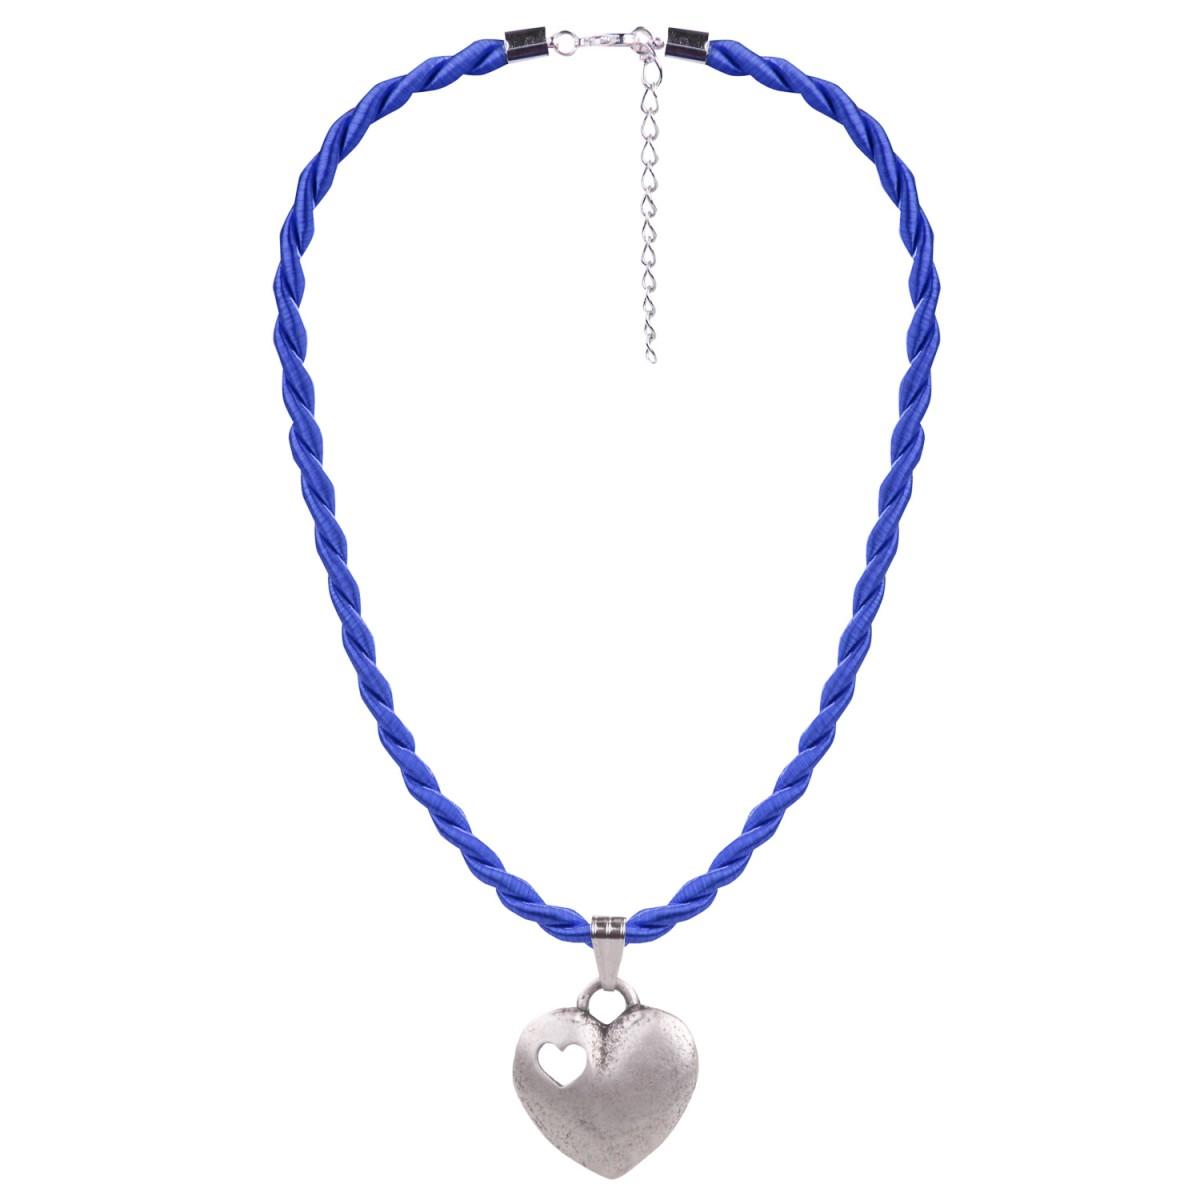 Kordelkette mit Herzanhänger in Blau von Schlick Accessoires günstig online kaufen